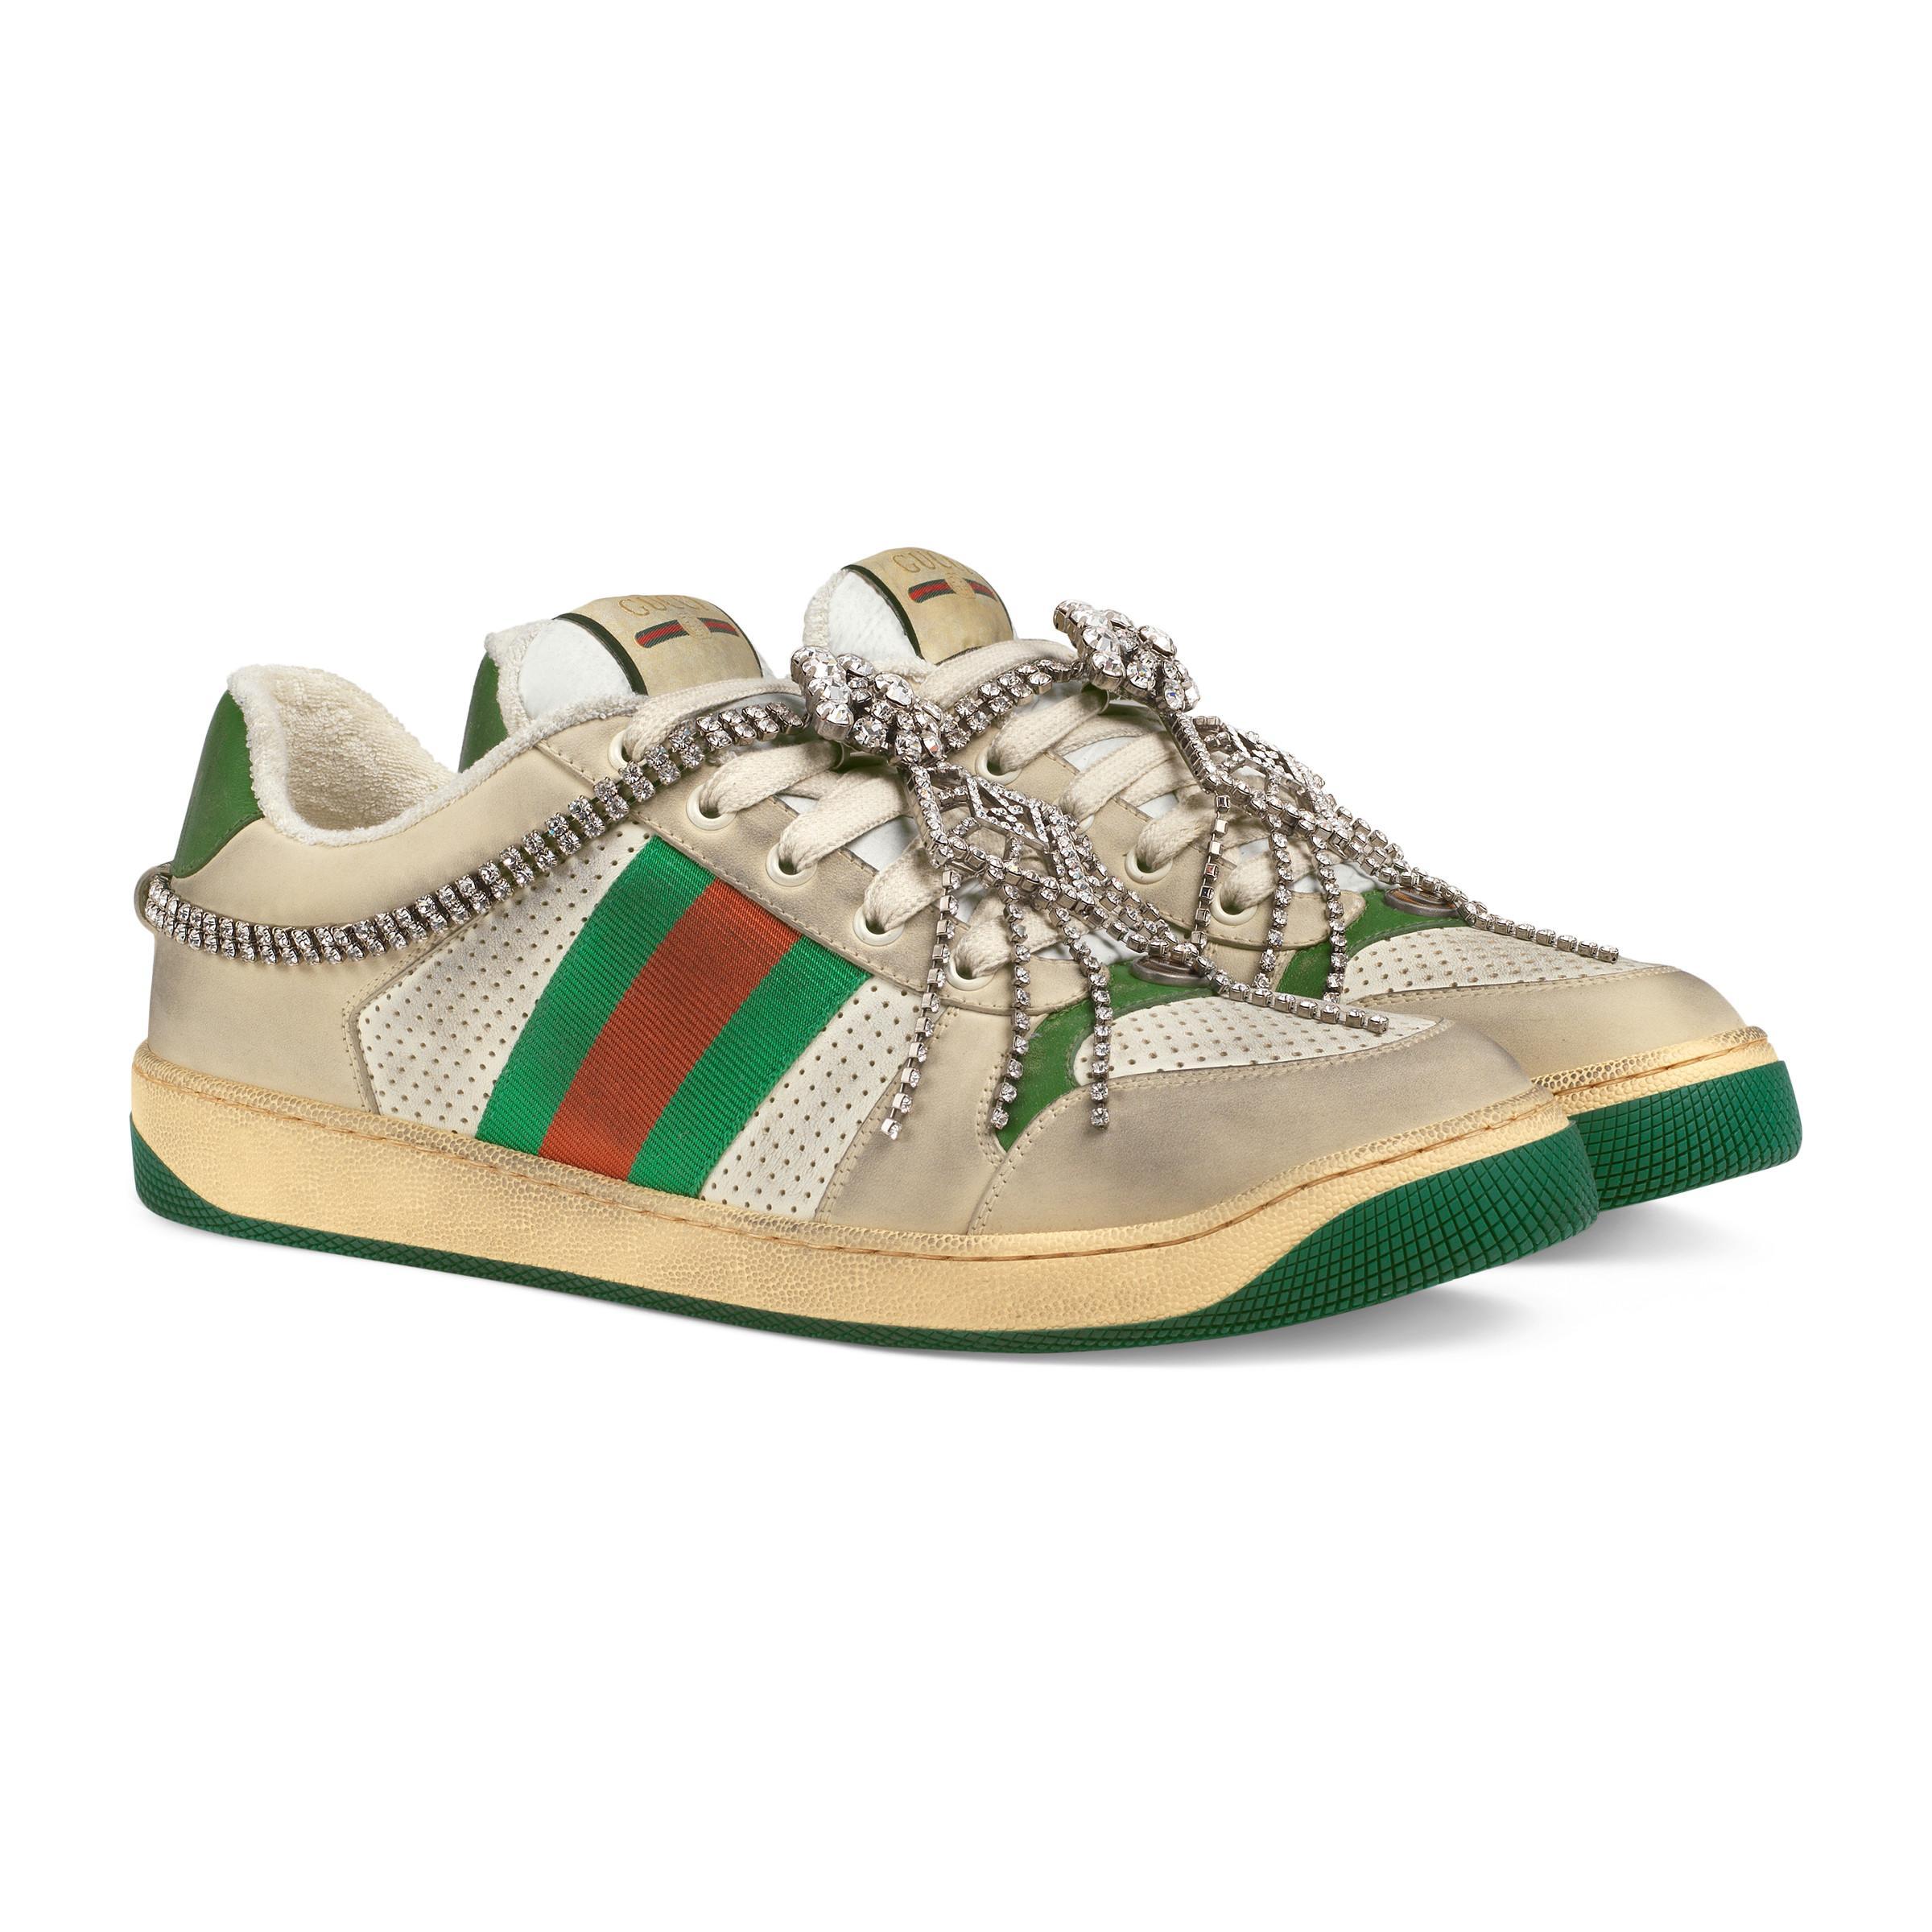 15b9baaa4bd Gucci Screener Jewel Sneaker in Green for Men - Save 15% - Lyst